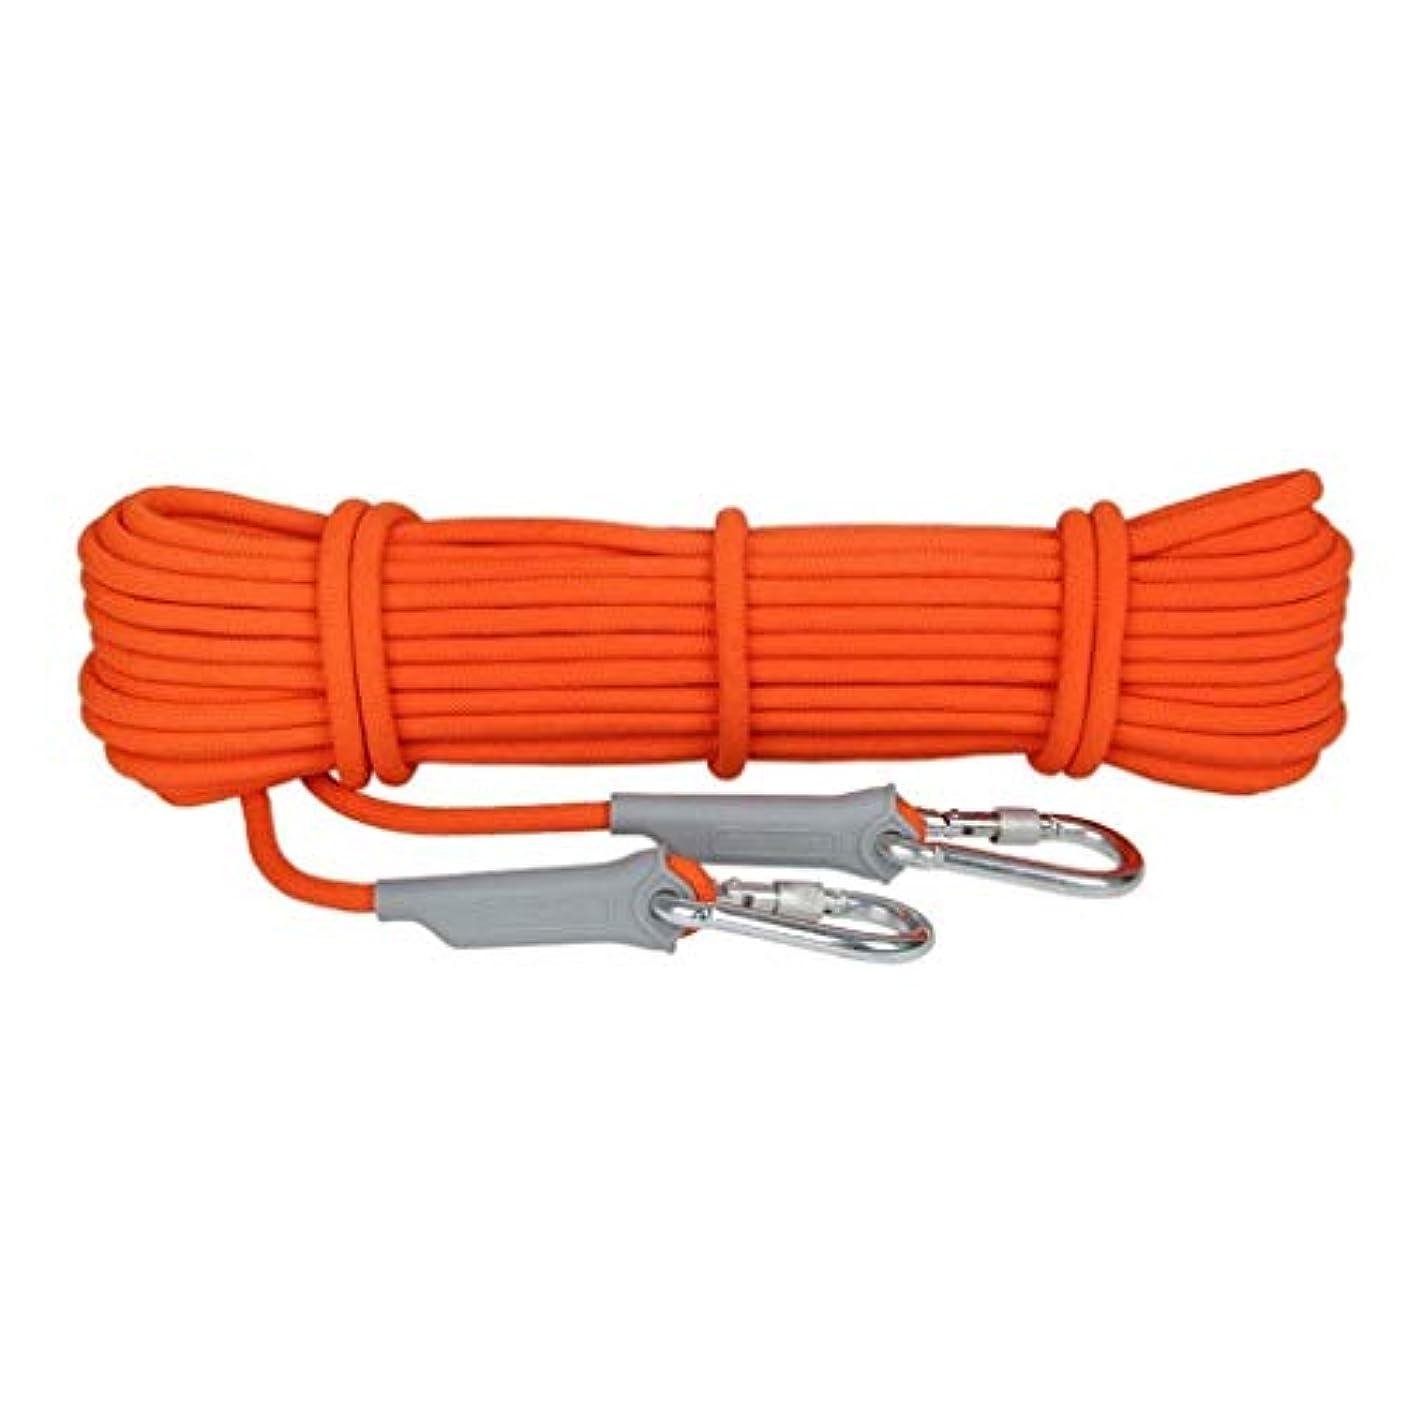 癒すこしょうキャンディー登山ロープの家の火の緊急脱出ロープ、ハイキングの洞窟探検のキャンプの救助調査および工学保護のための多機能のコードの安全ロープ。 (Color : 8.5mm, Size : 15m)